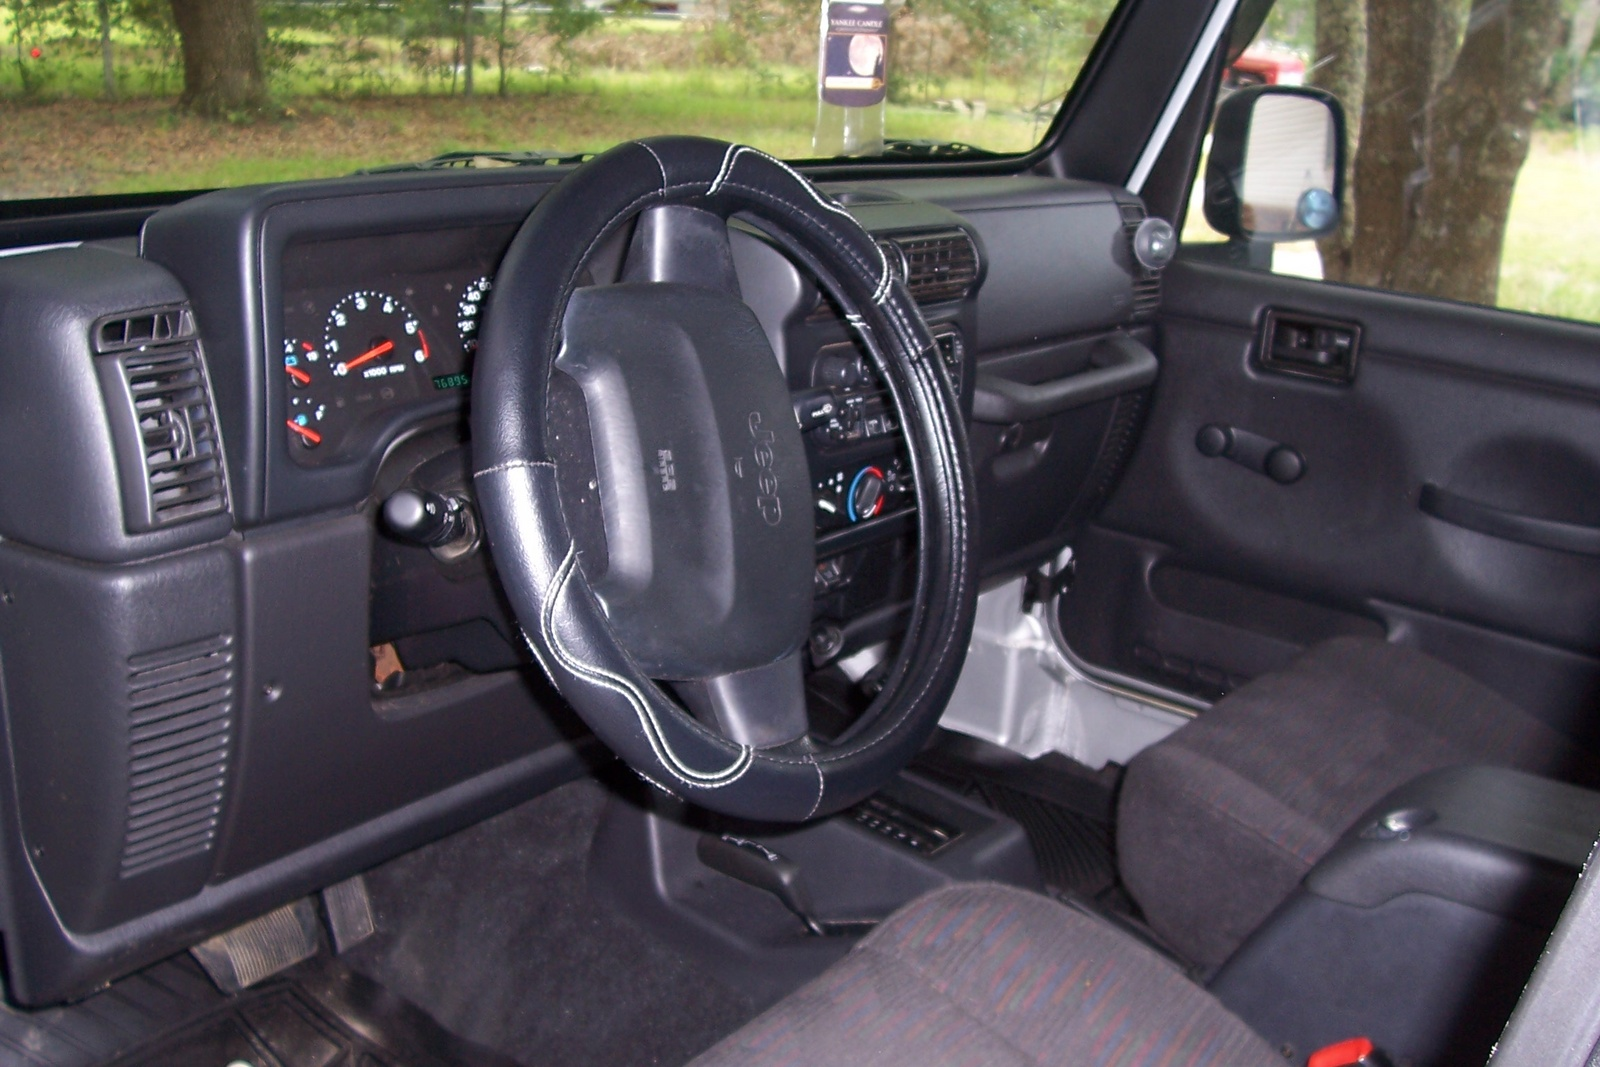 2003 Jeep Wrangler Interior Pictures Cargurus